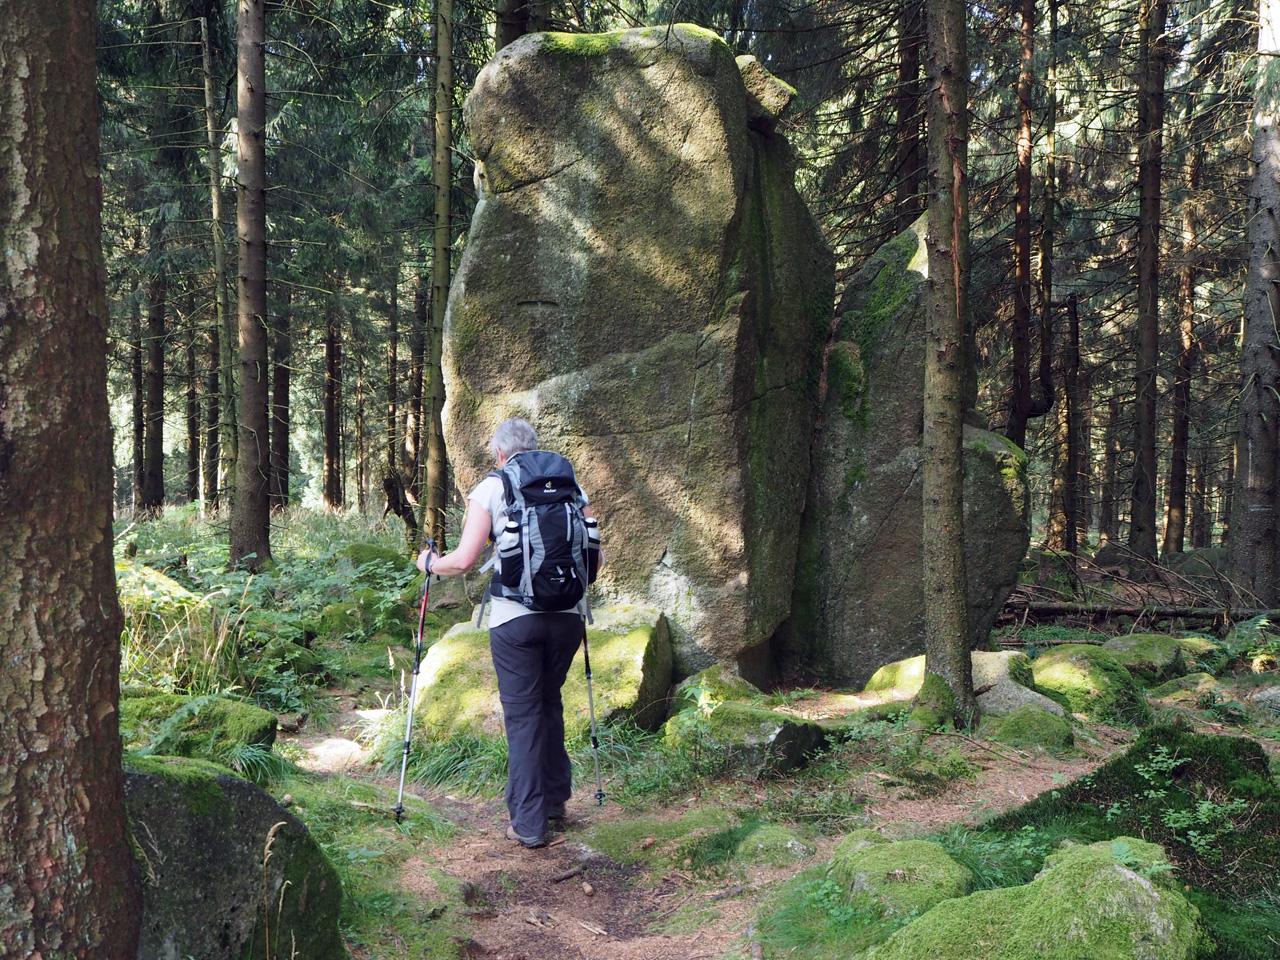 rotspartijen verspreid door het bos